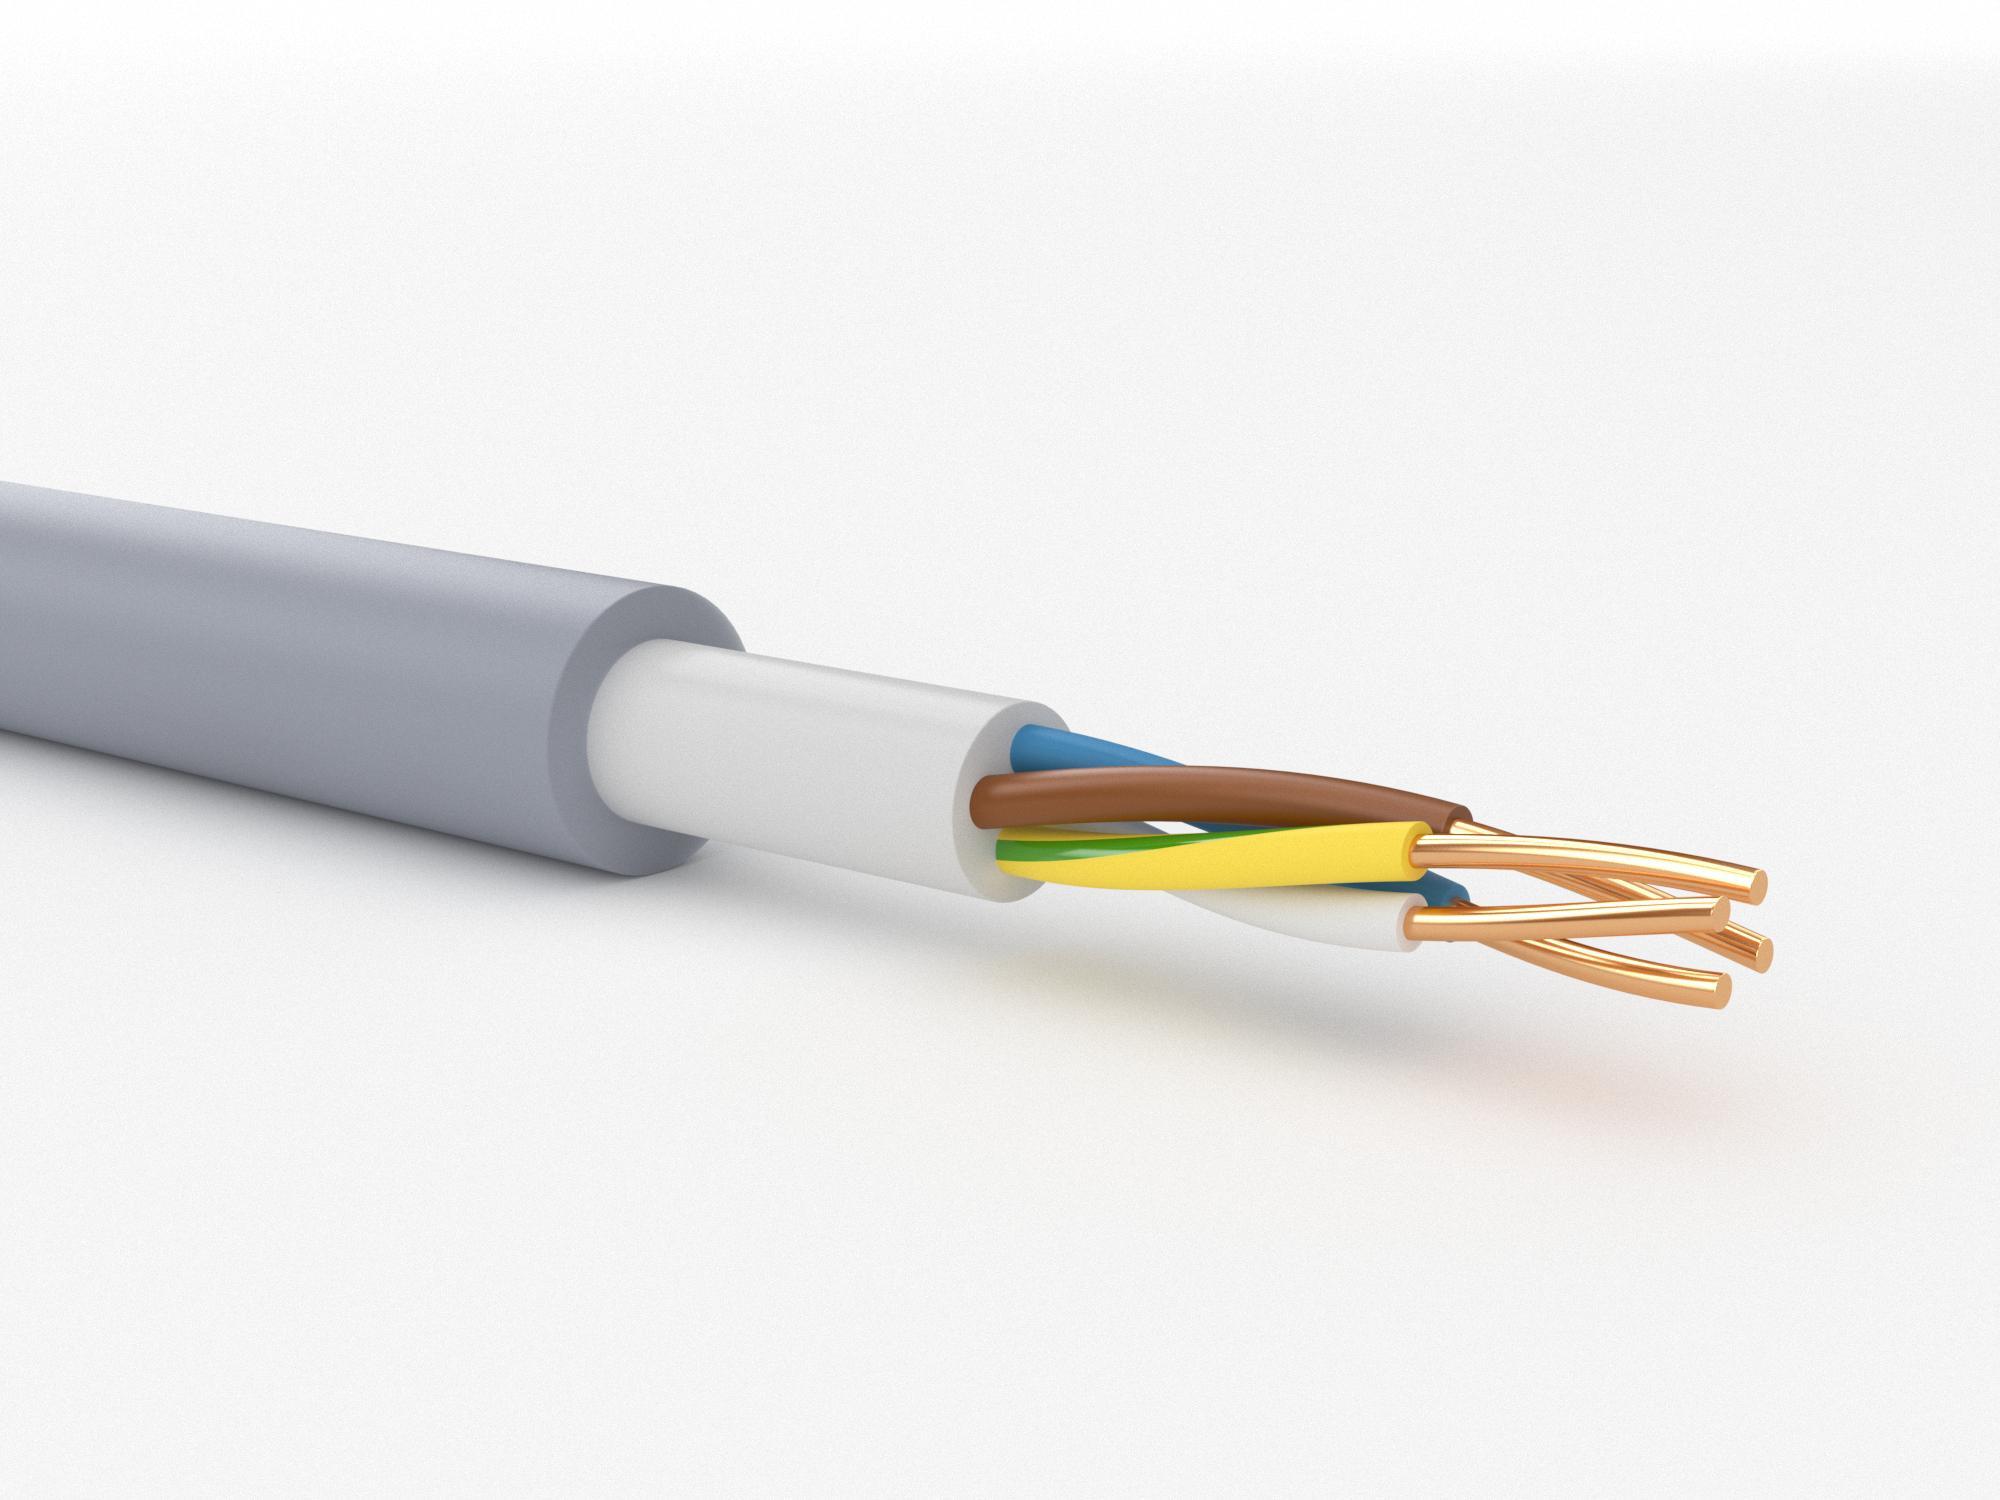 Кабель ПАРТНЕР-ЭЛЕКТРО Nym 4х2,5 ГОСТ (20м) кабель партнер электро nym 2х1 5 гост 100м